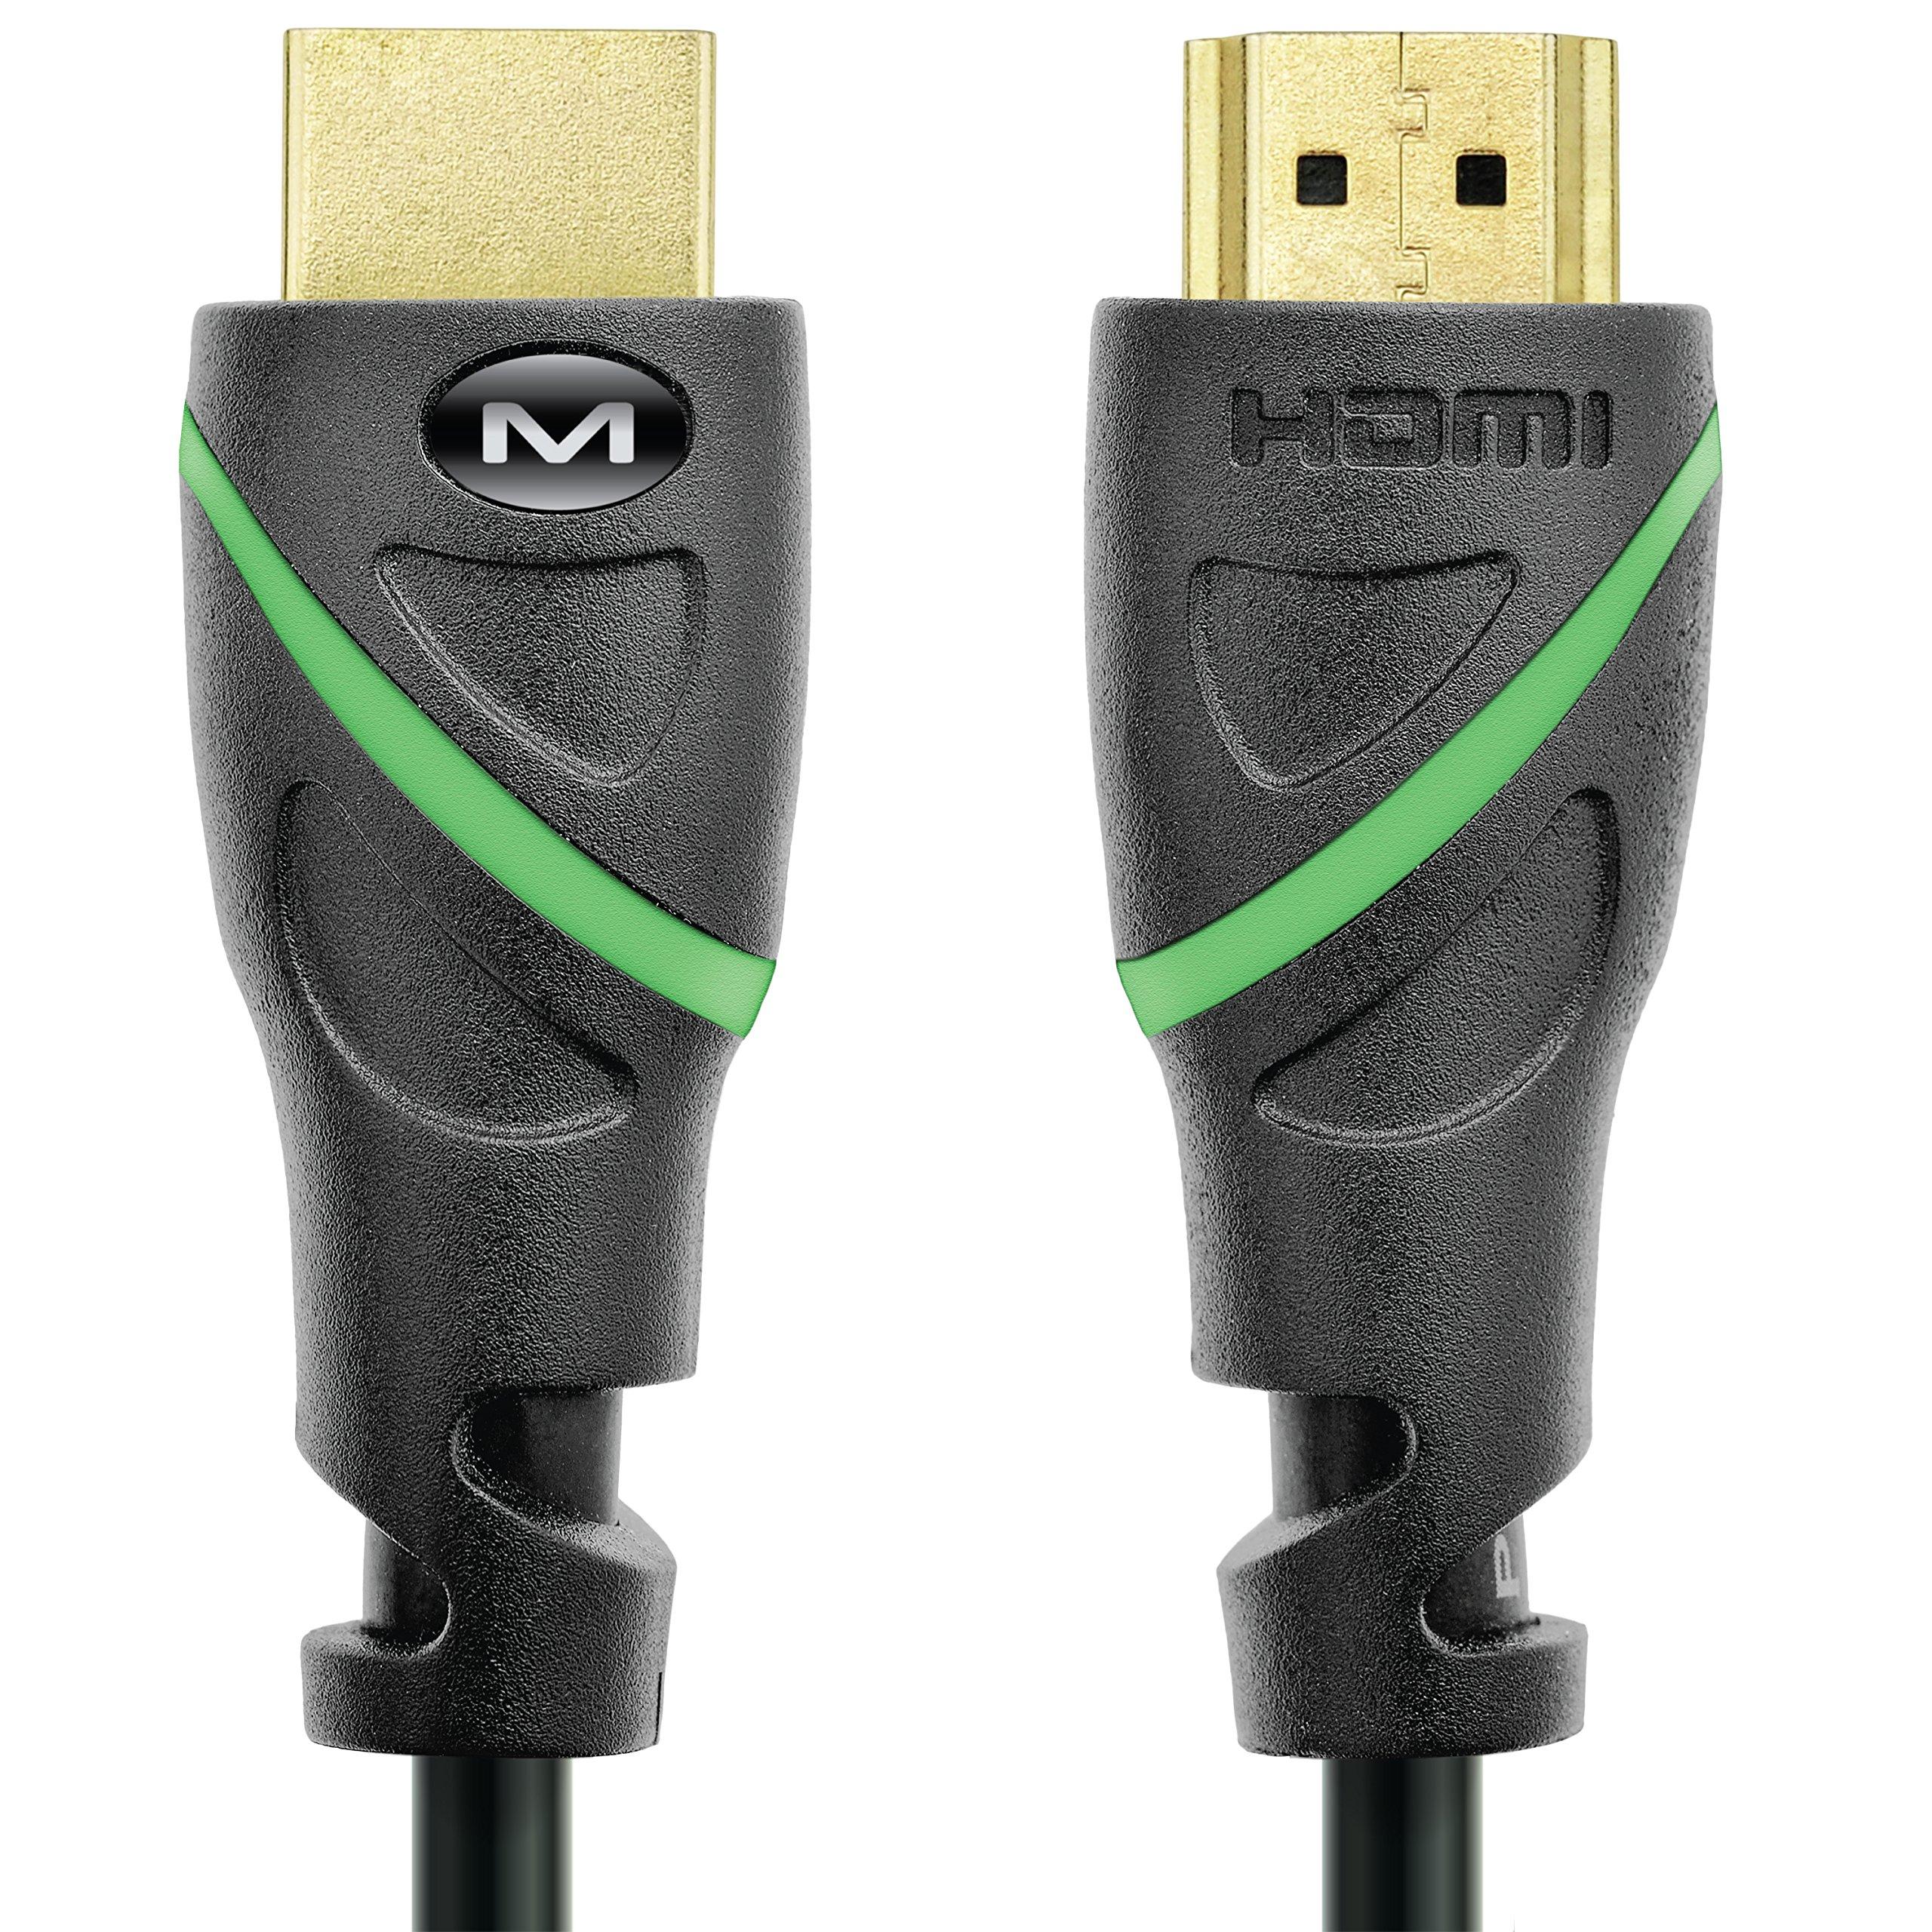 El Cable Hdmi De La Serie Mediabridge Flex (1 Pie) Admite 4k @ 50 / 60hz, Alta Velocidad, Probado A Mano, Listo Para Hdm